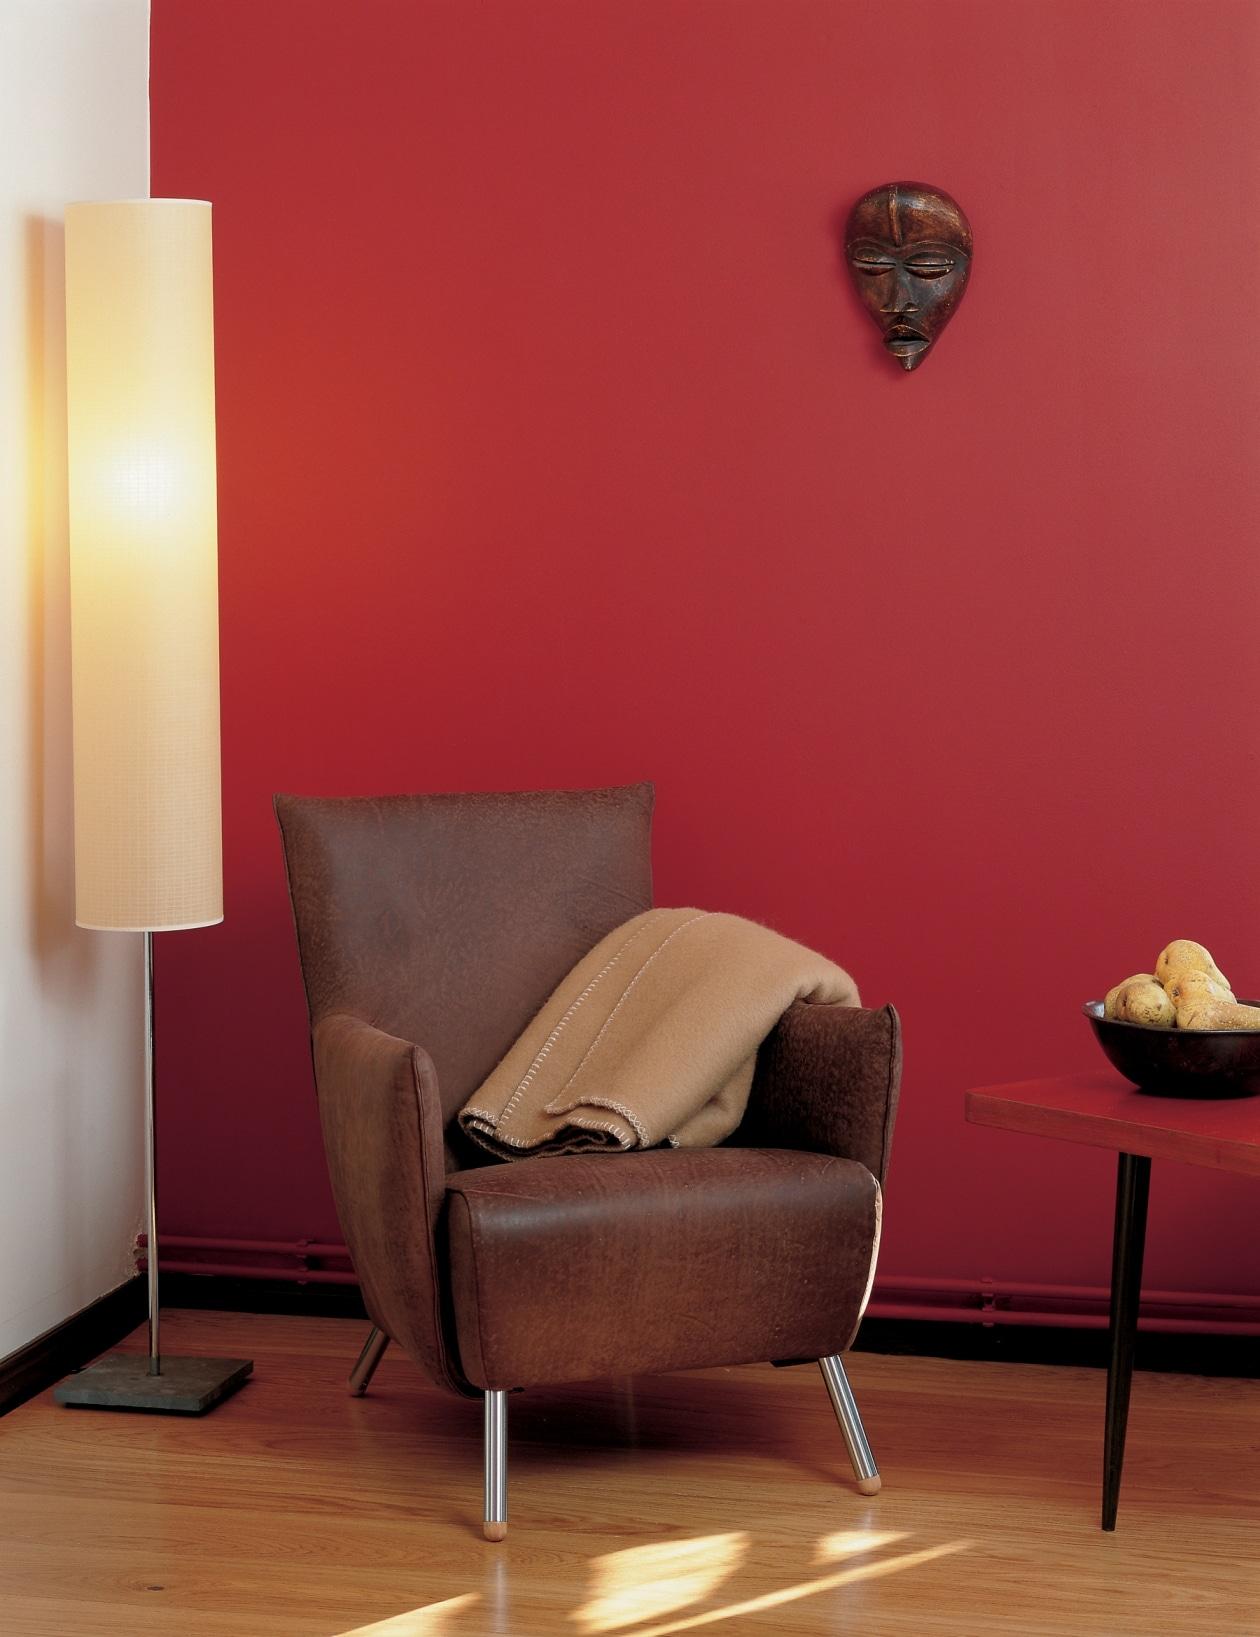 Tikkurila - czerwona farba na ścianach pokoju